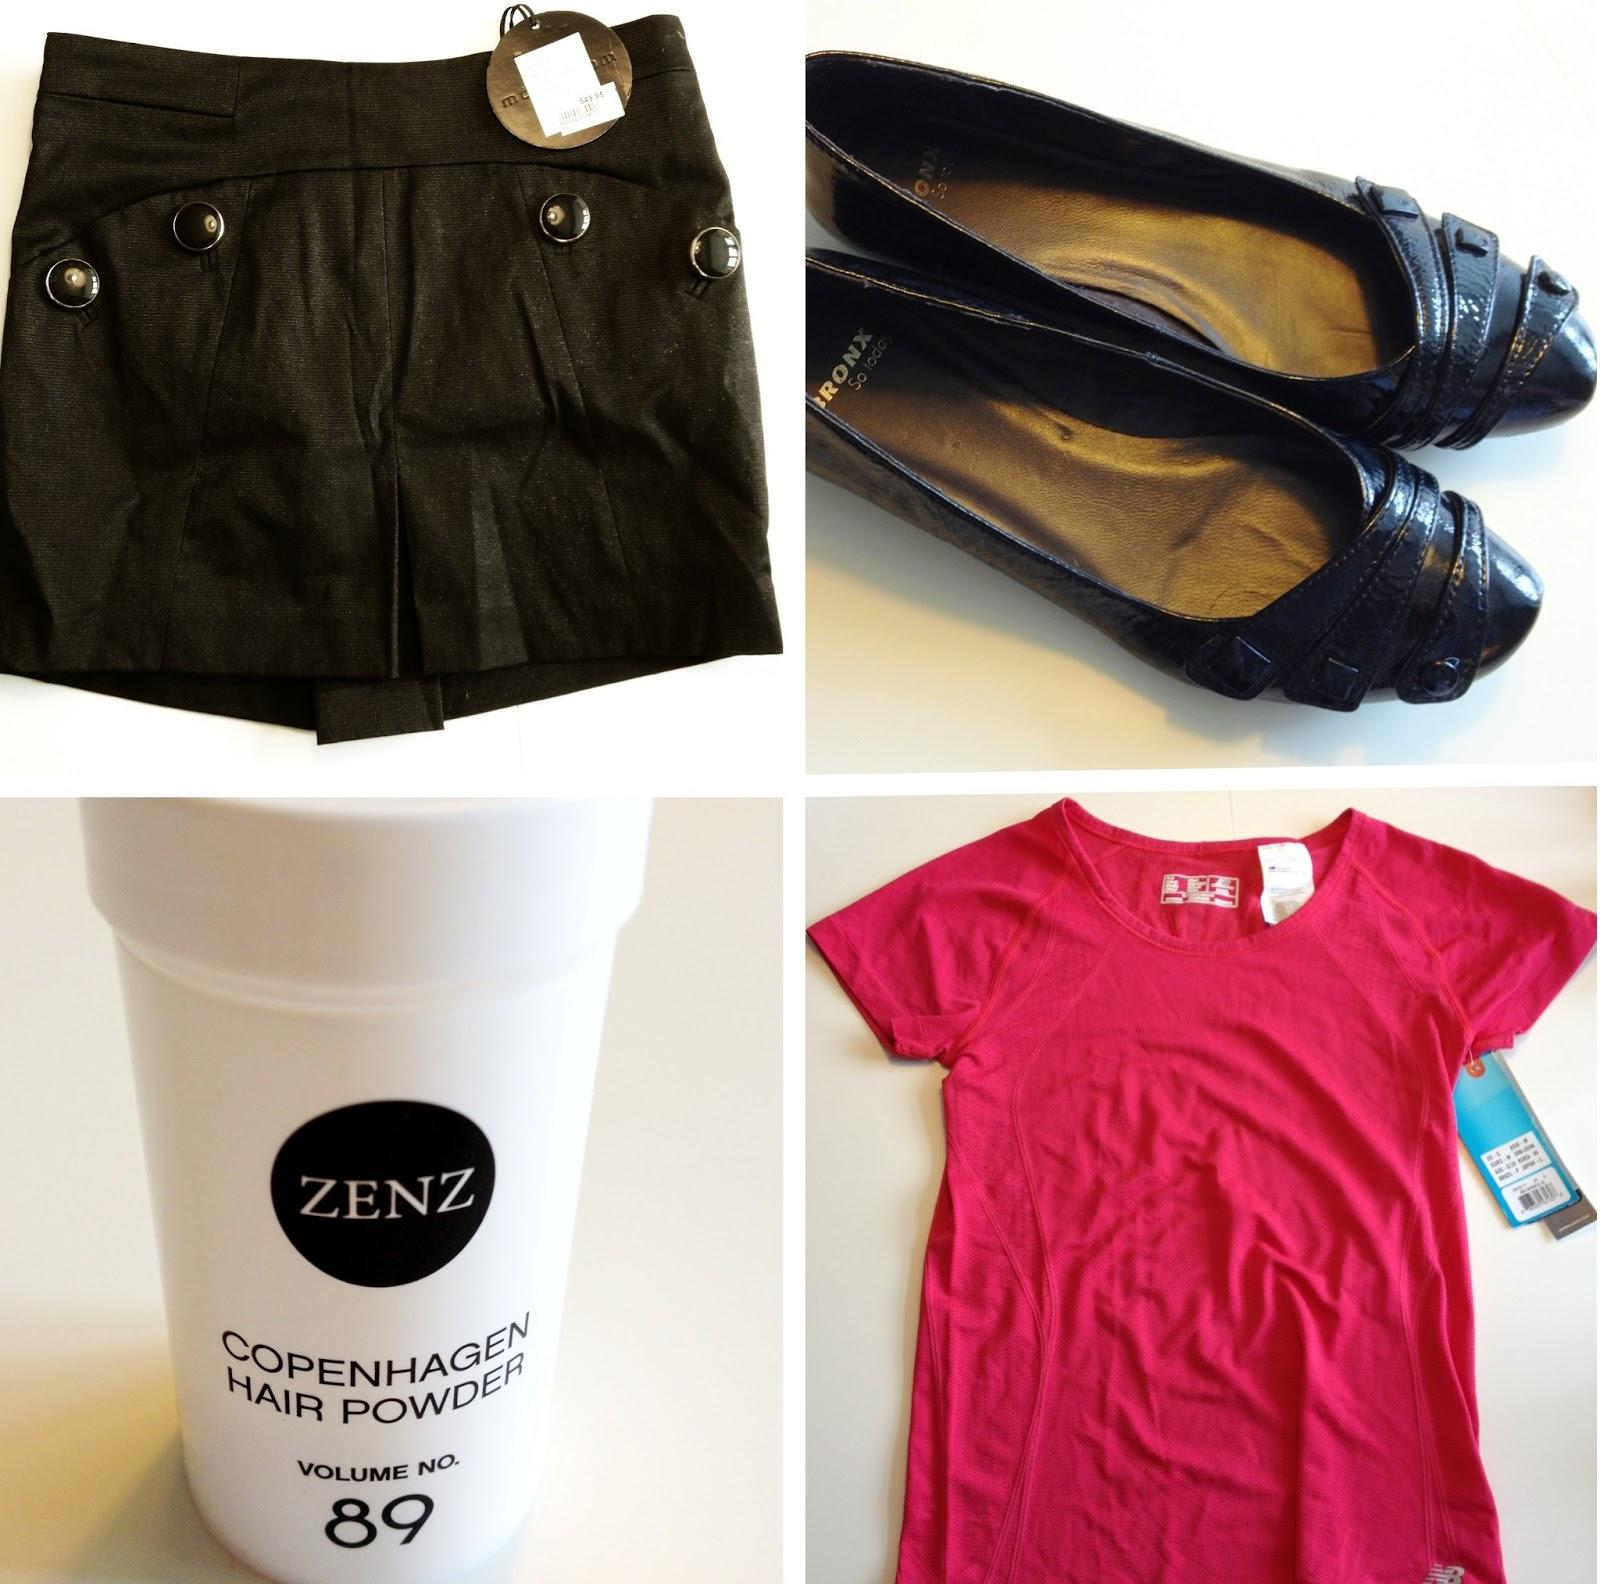 tøj, sko, trendsales, hair powder, hårpudder, zenz, modström, ballerina, new balance, løbetrøje, nederdel, bronx, mode, shopping, salg, sælges, billigt